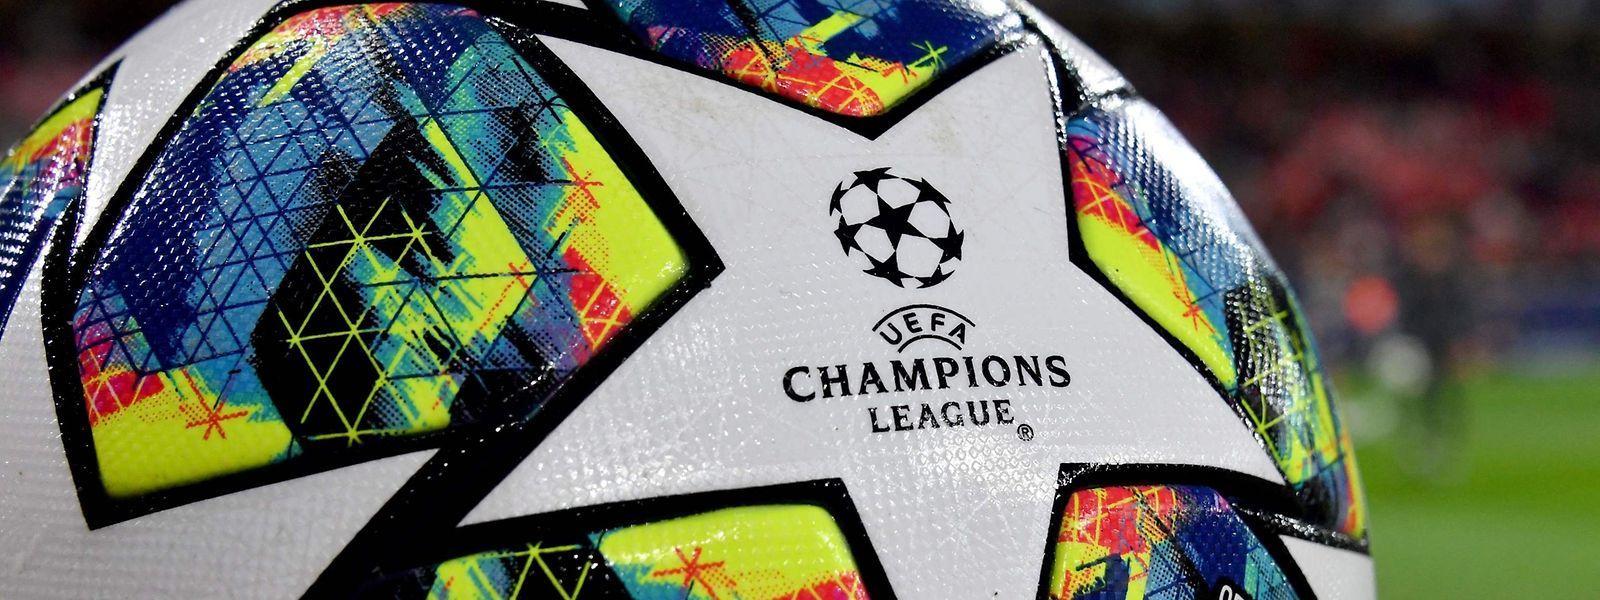 L'UEFA et sa Champions League ont du souci à se faire. A long terme, les membres de la Super League espèrent générer plus de 15 milliards d'euros de recettes.